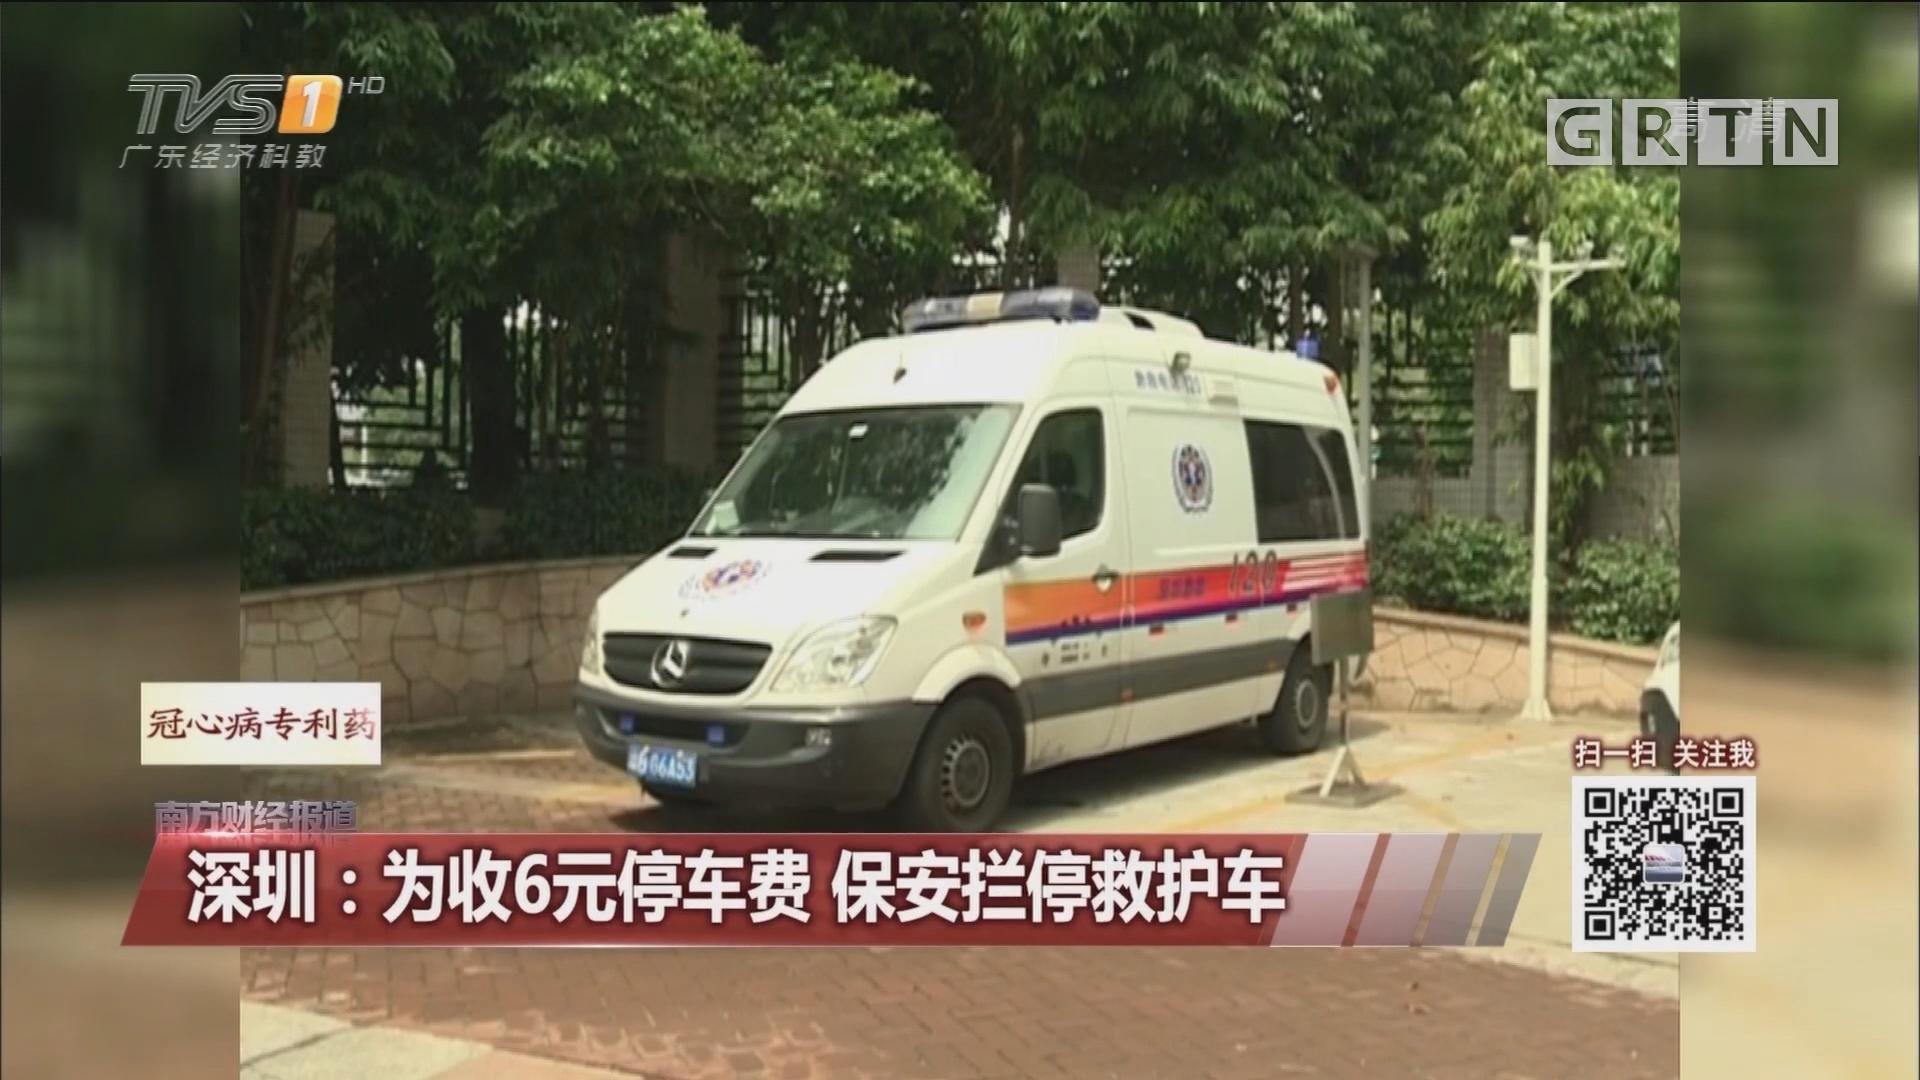 深圳:为收6元停车费 保安拦停救护车